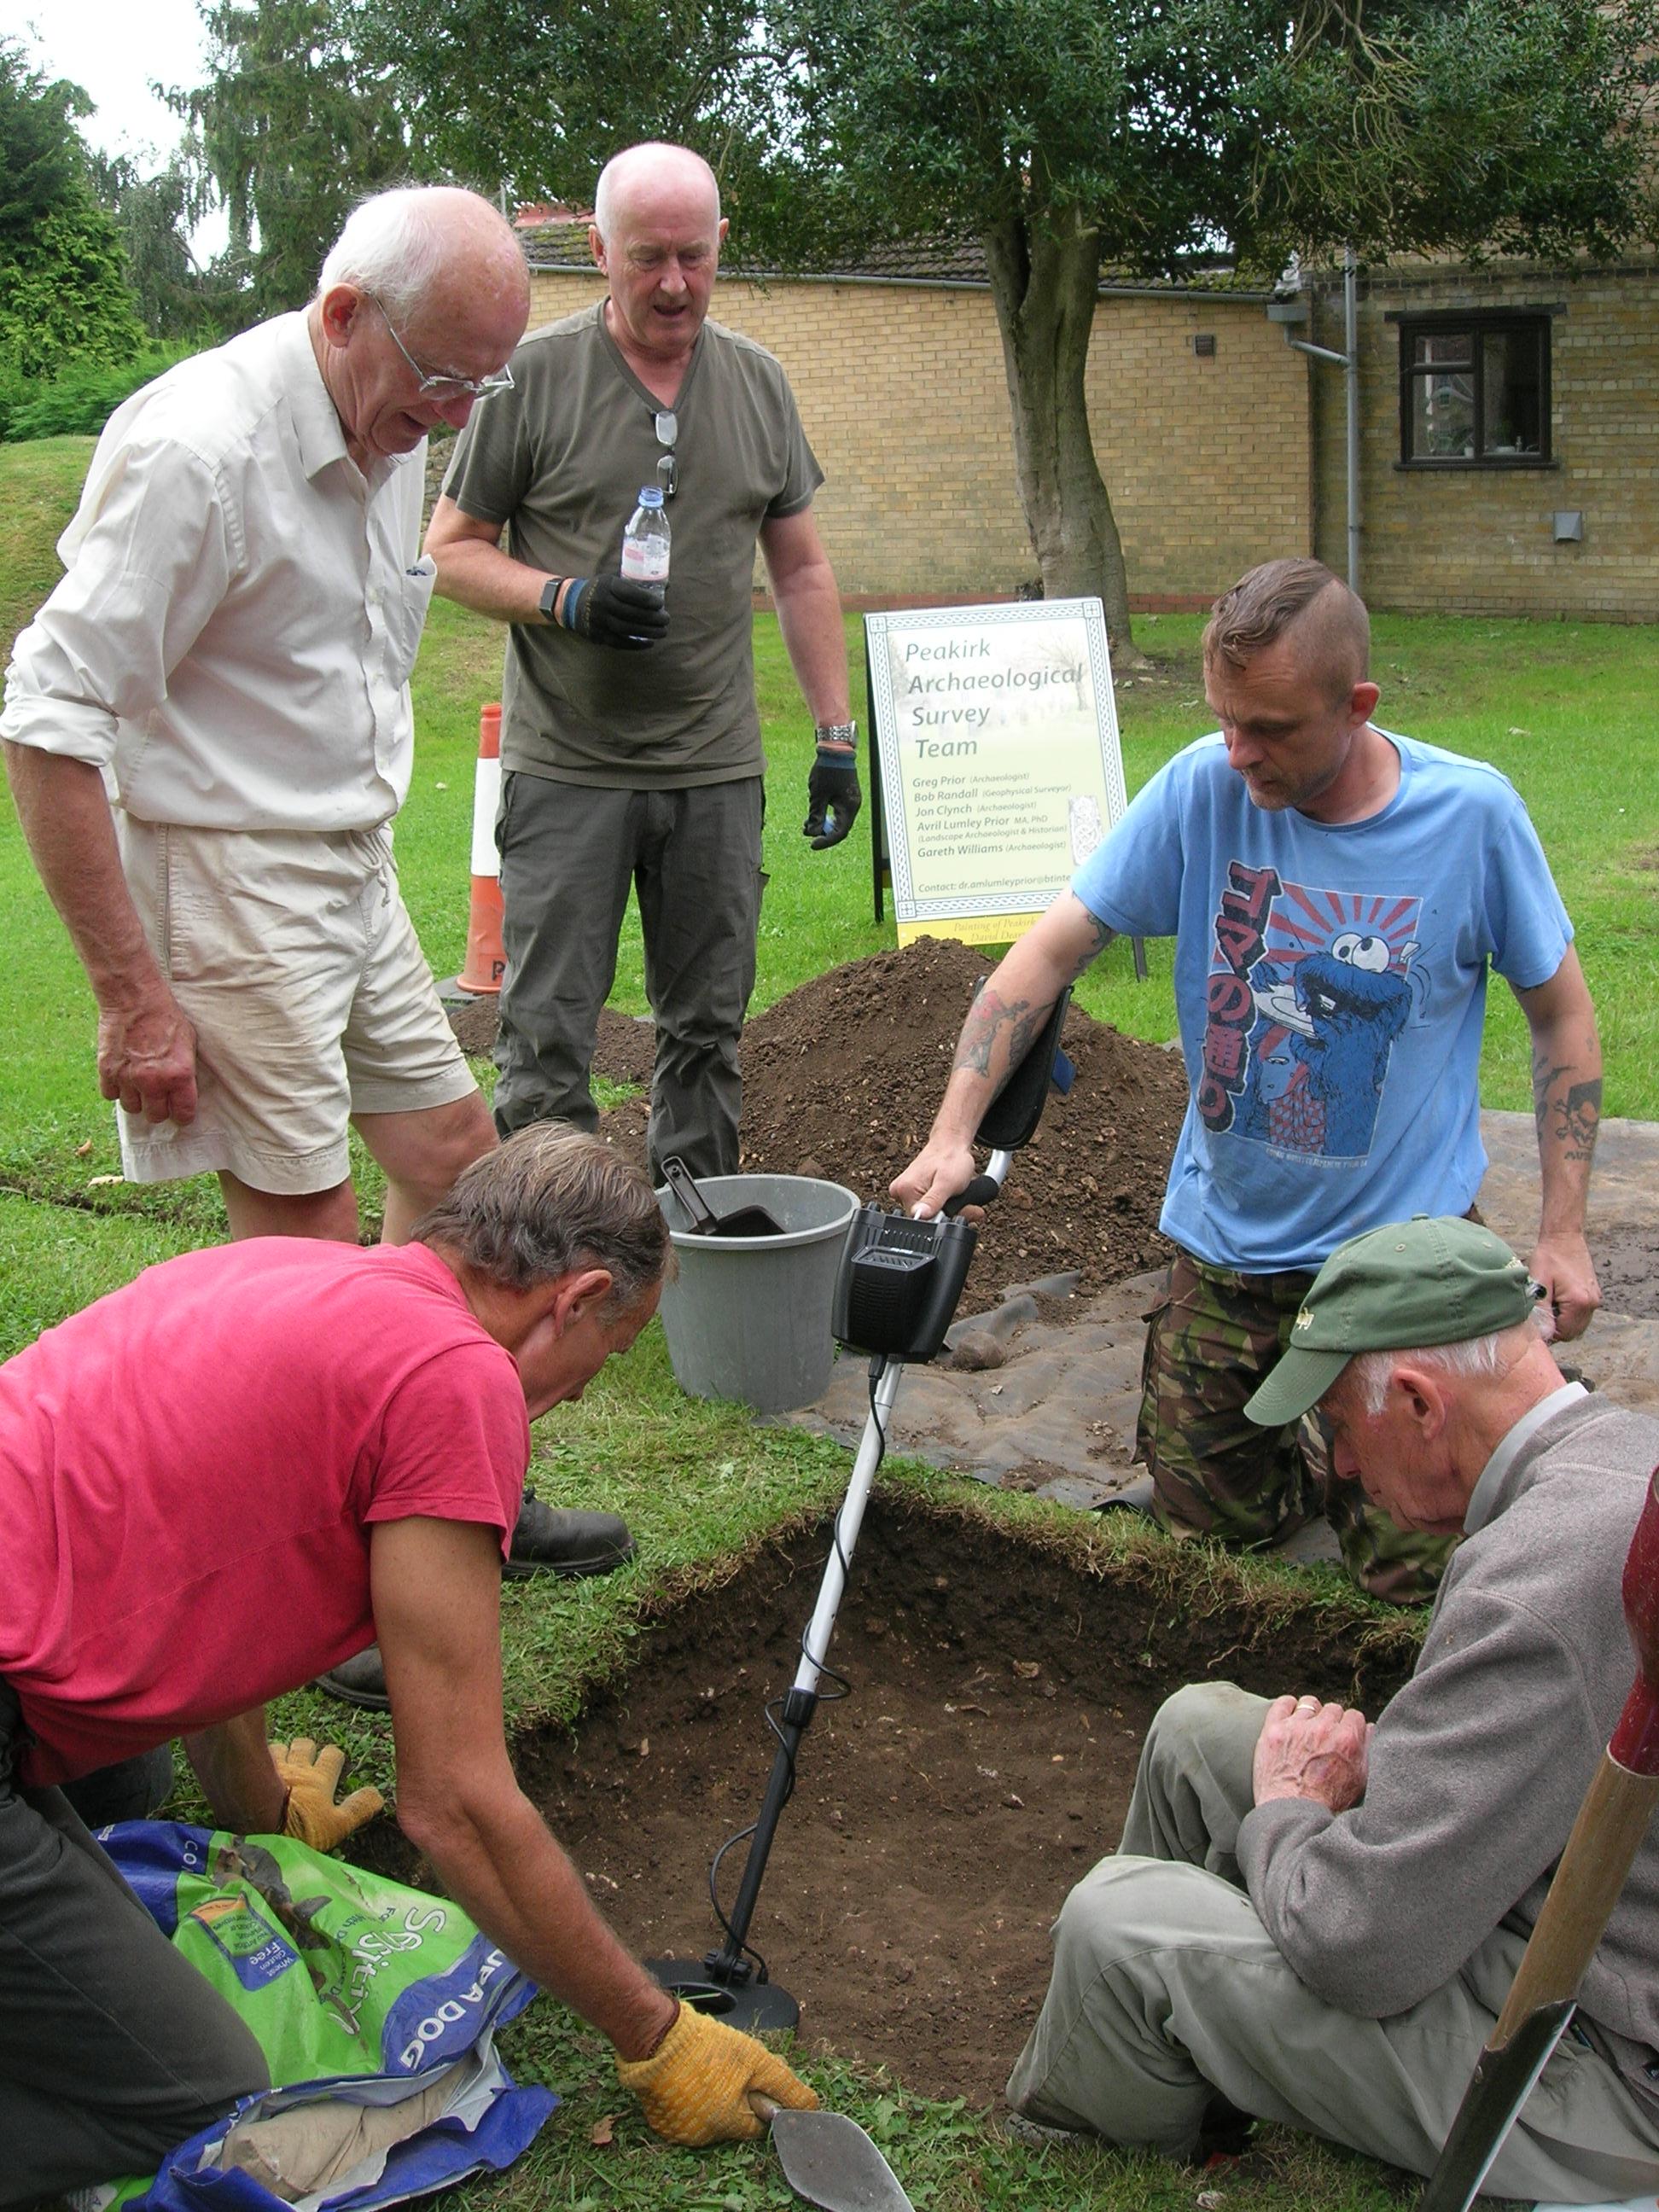 Peakirk Archaeological Survey Team (PAST)